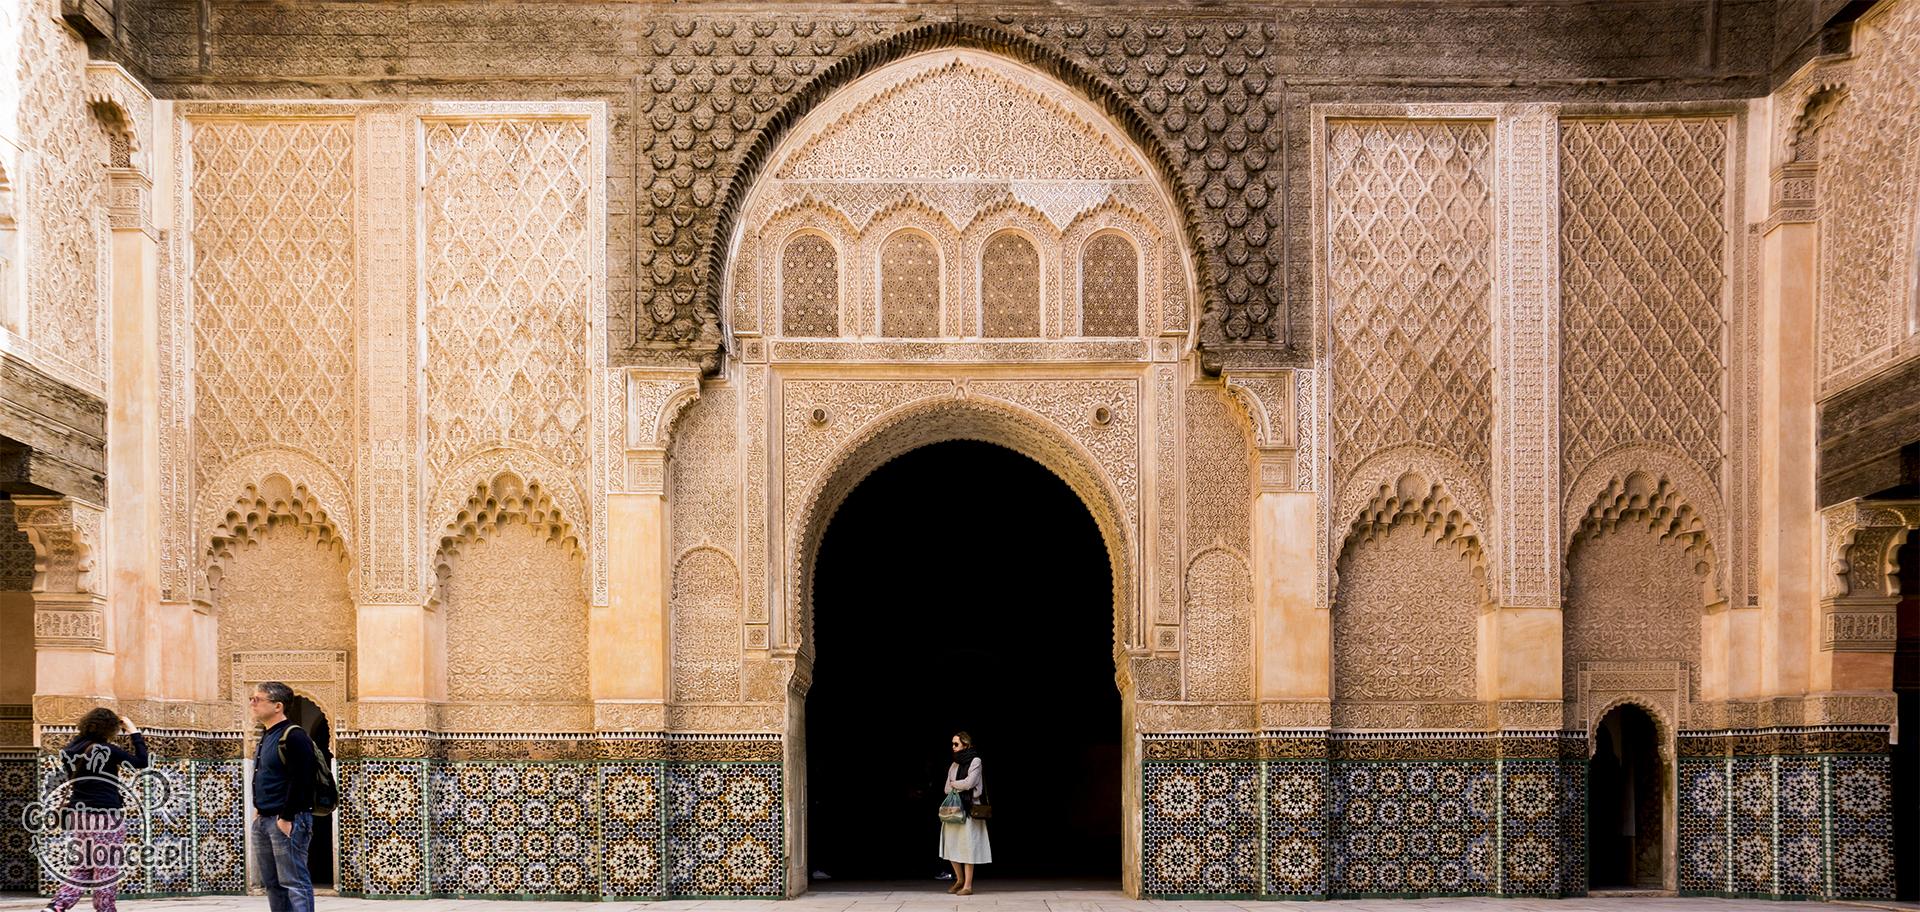 Maroko, Marrakesz - informacje praktyczne (Medresa Ben Joussef)